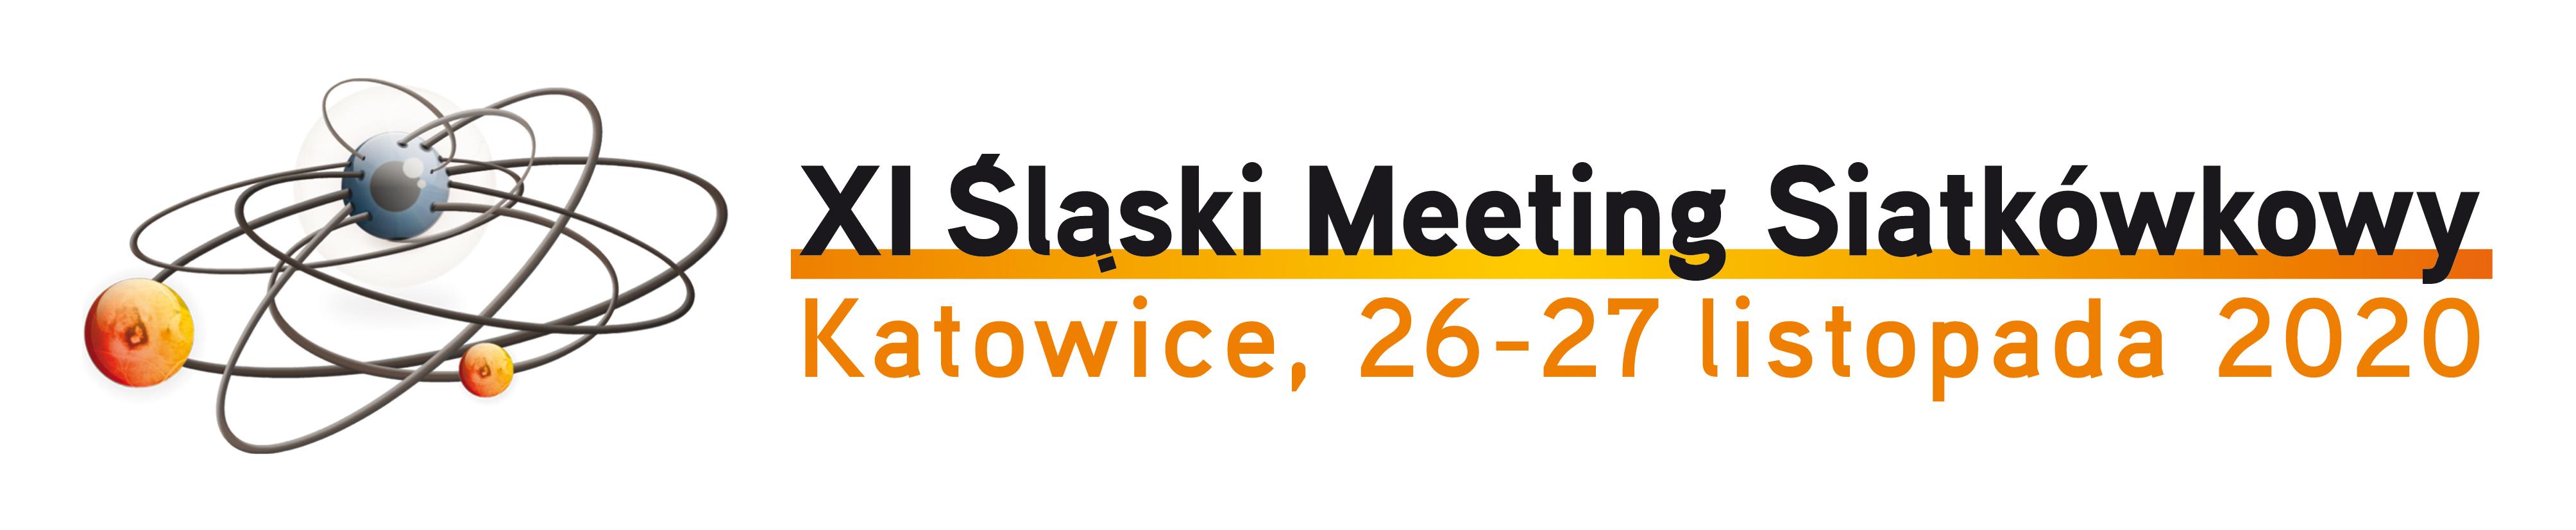 XI Śląski Meeting Siatkówkowy